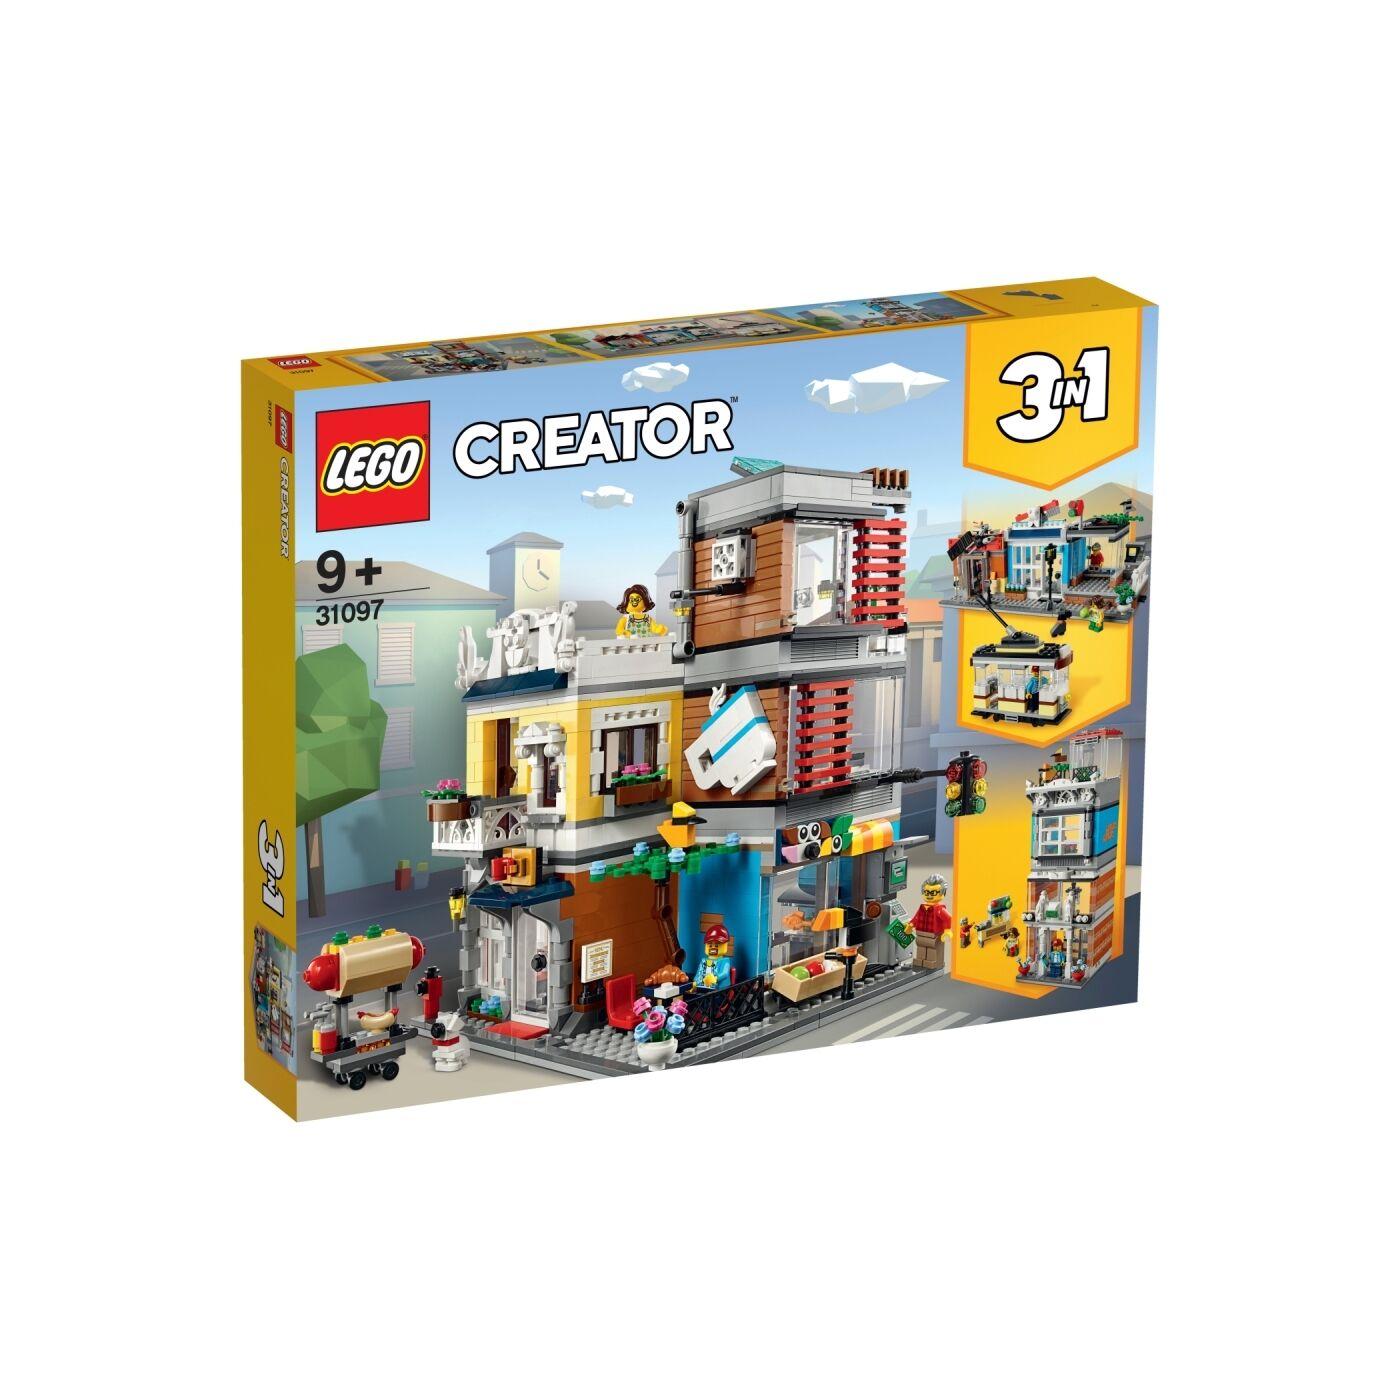 Lego Creator Városi kisállat kereskedés és kávézó